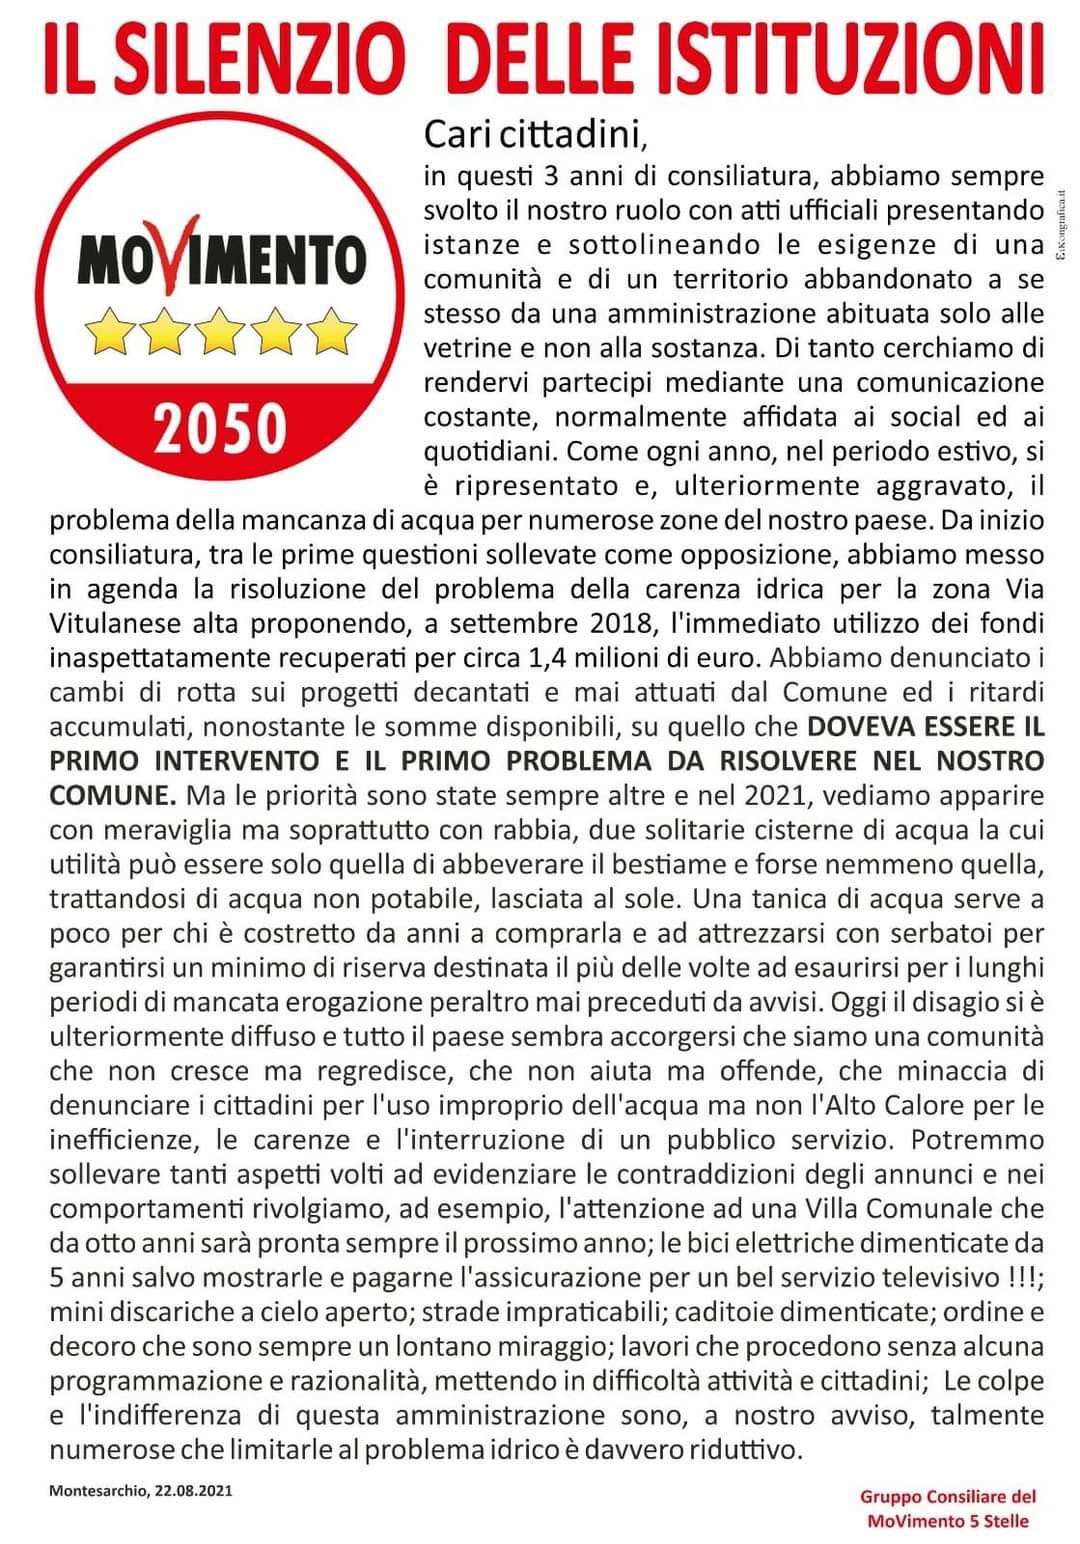 Montesarchio, lettera aperta da parte dei consiglieri M5S